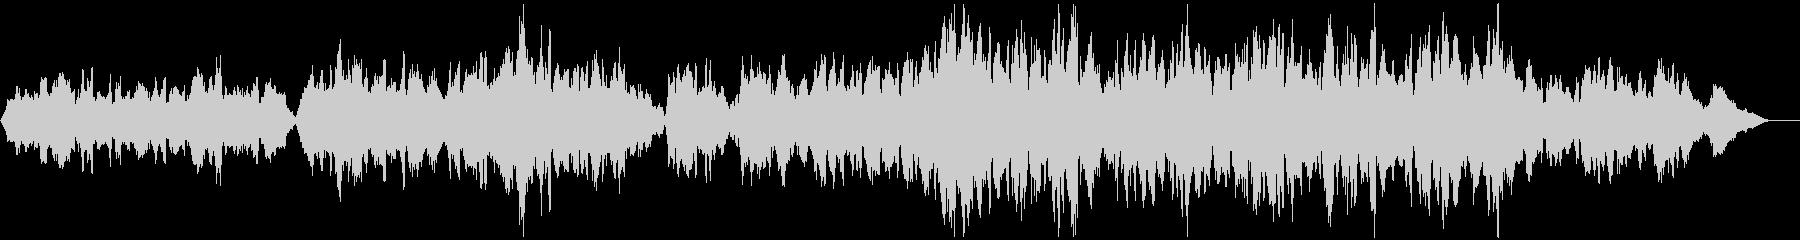 【All生演奏】温かくて切ない弦楽四重奏の未再生の波形